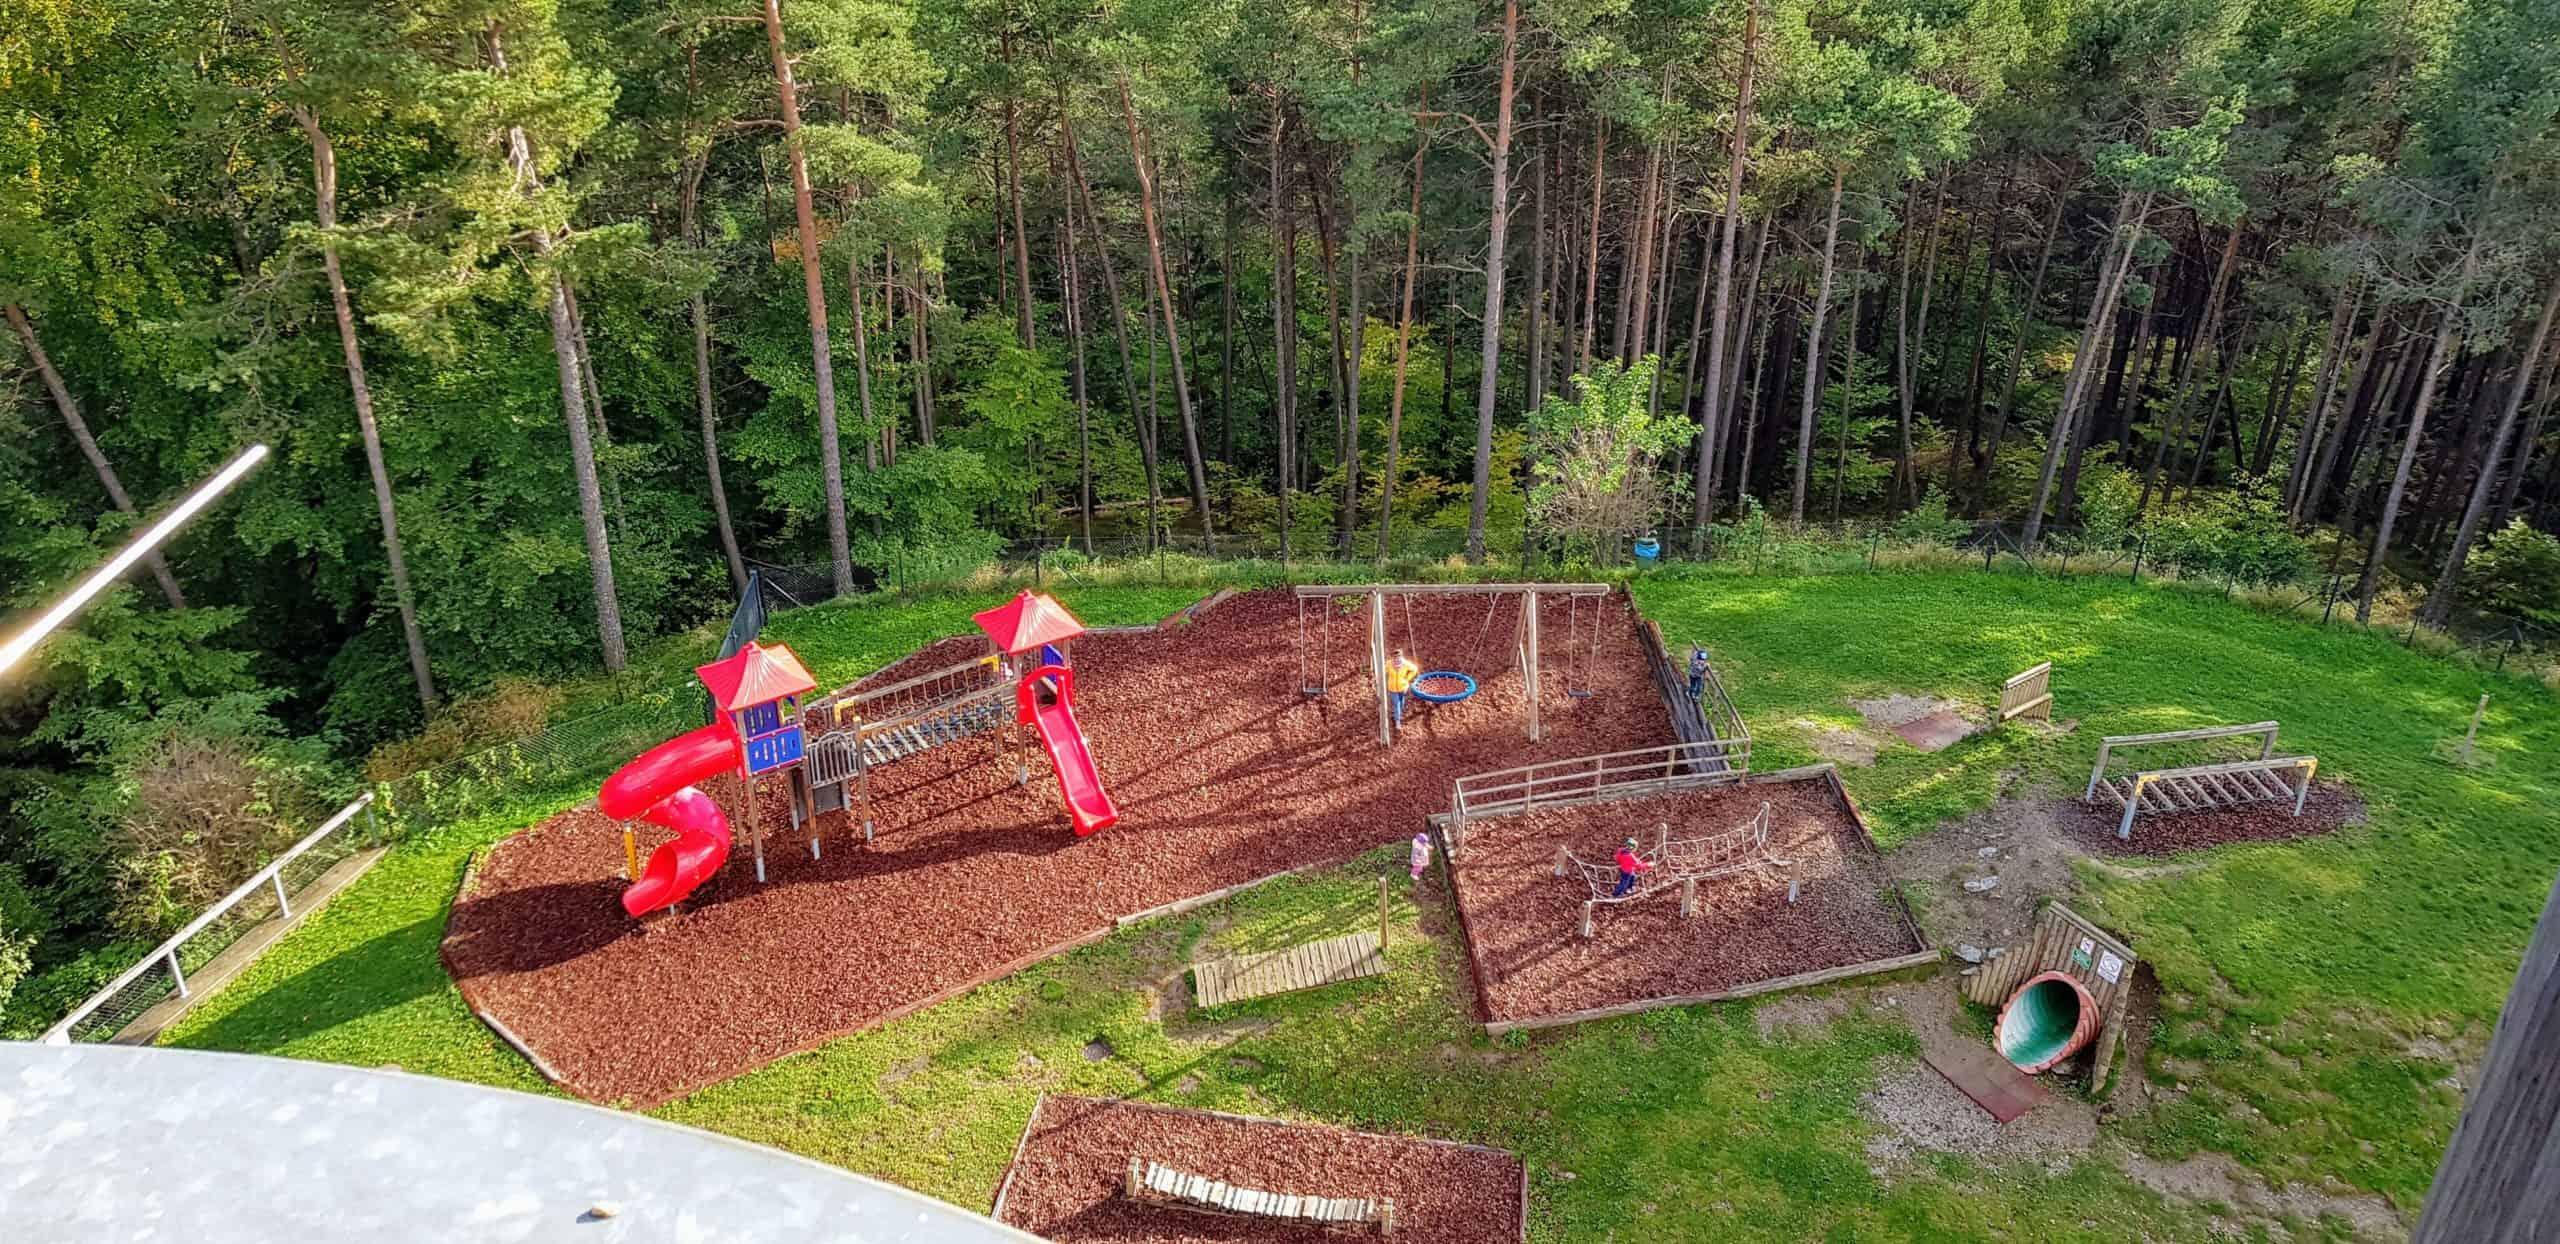 Kinderspielplatz am Pyramidenkogel - Aktivitäten für Familien mit Kindern in Kärnten - Urlaubsregion Wörthersee - Österreich